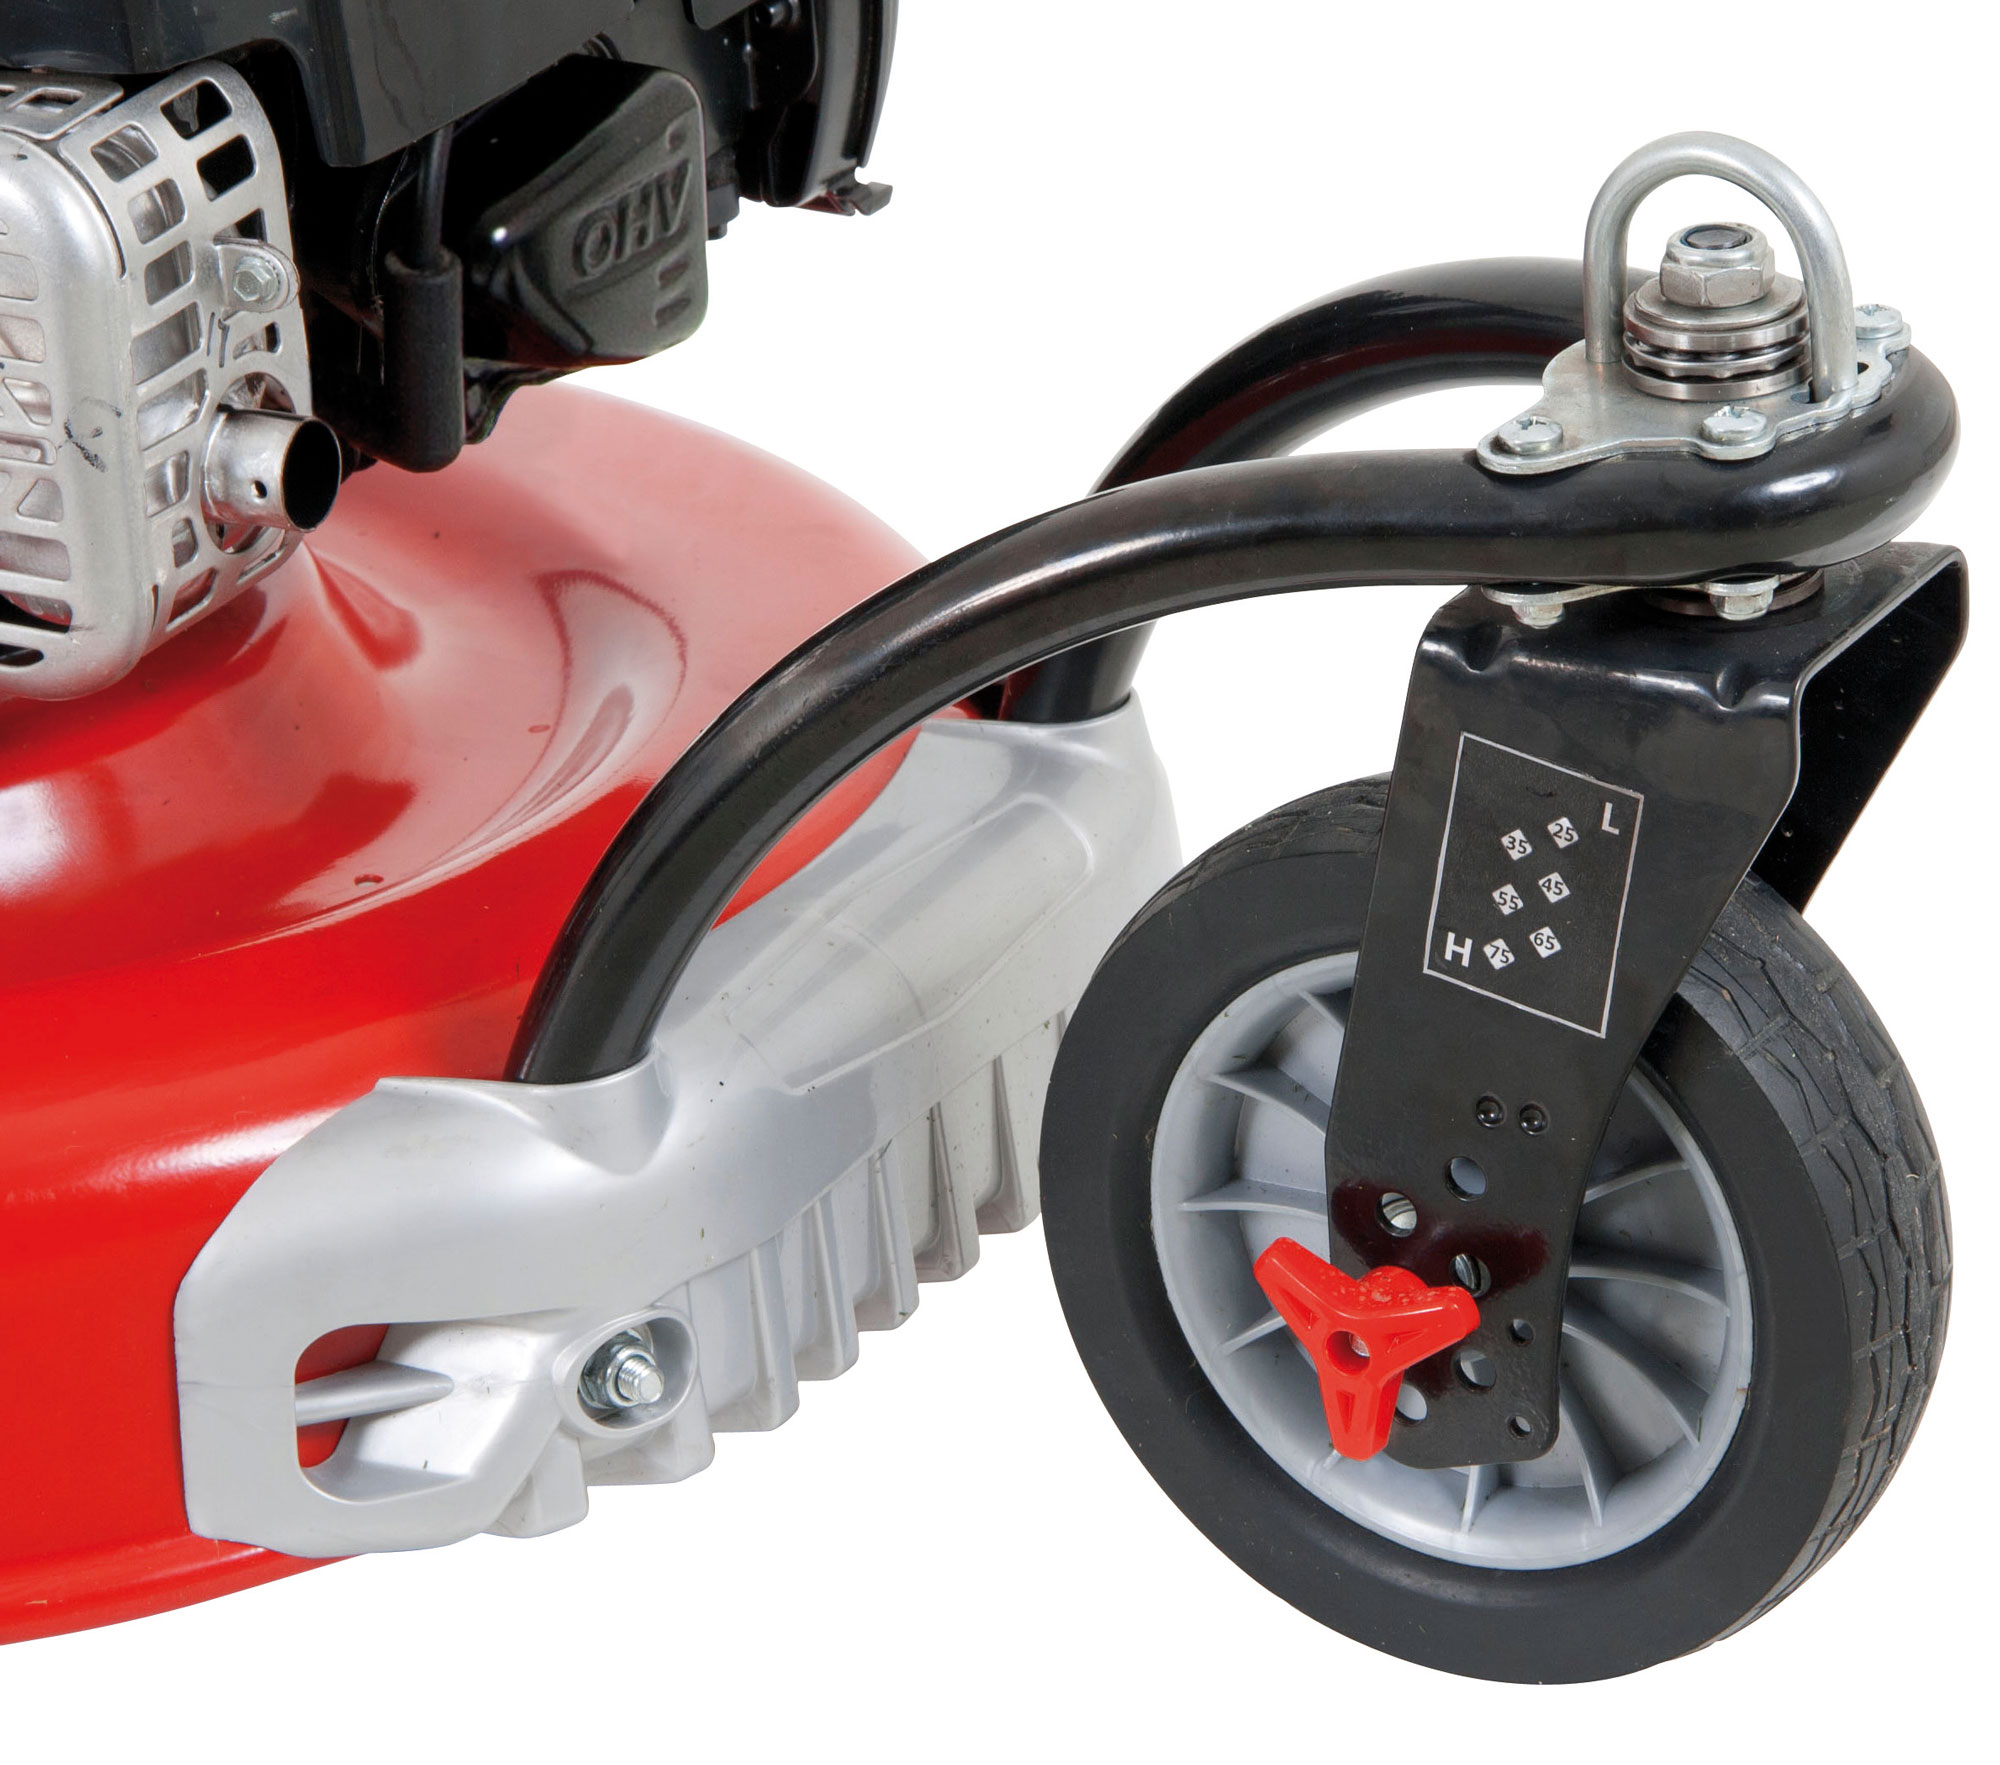 Benzin Rasenmäher Grizzly BRM 51 150 BSAT Trike B&S Motor 2,3kW 51cm Bild 2